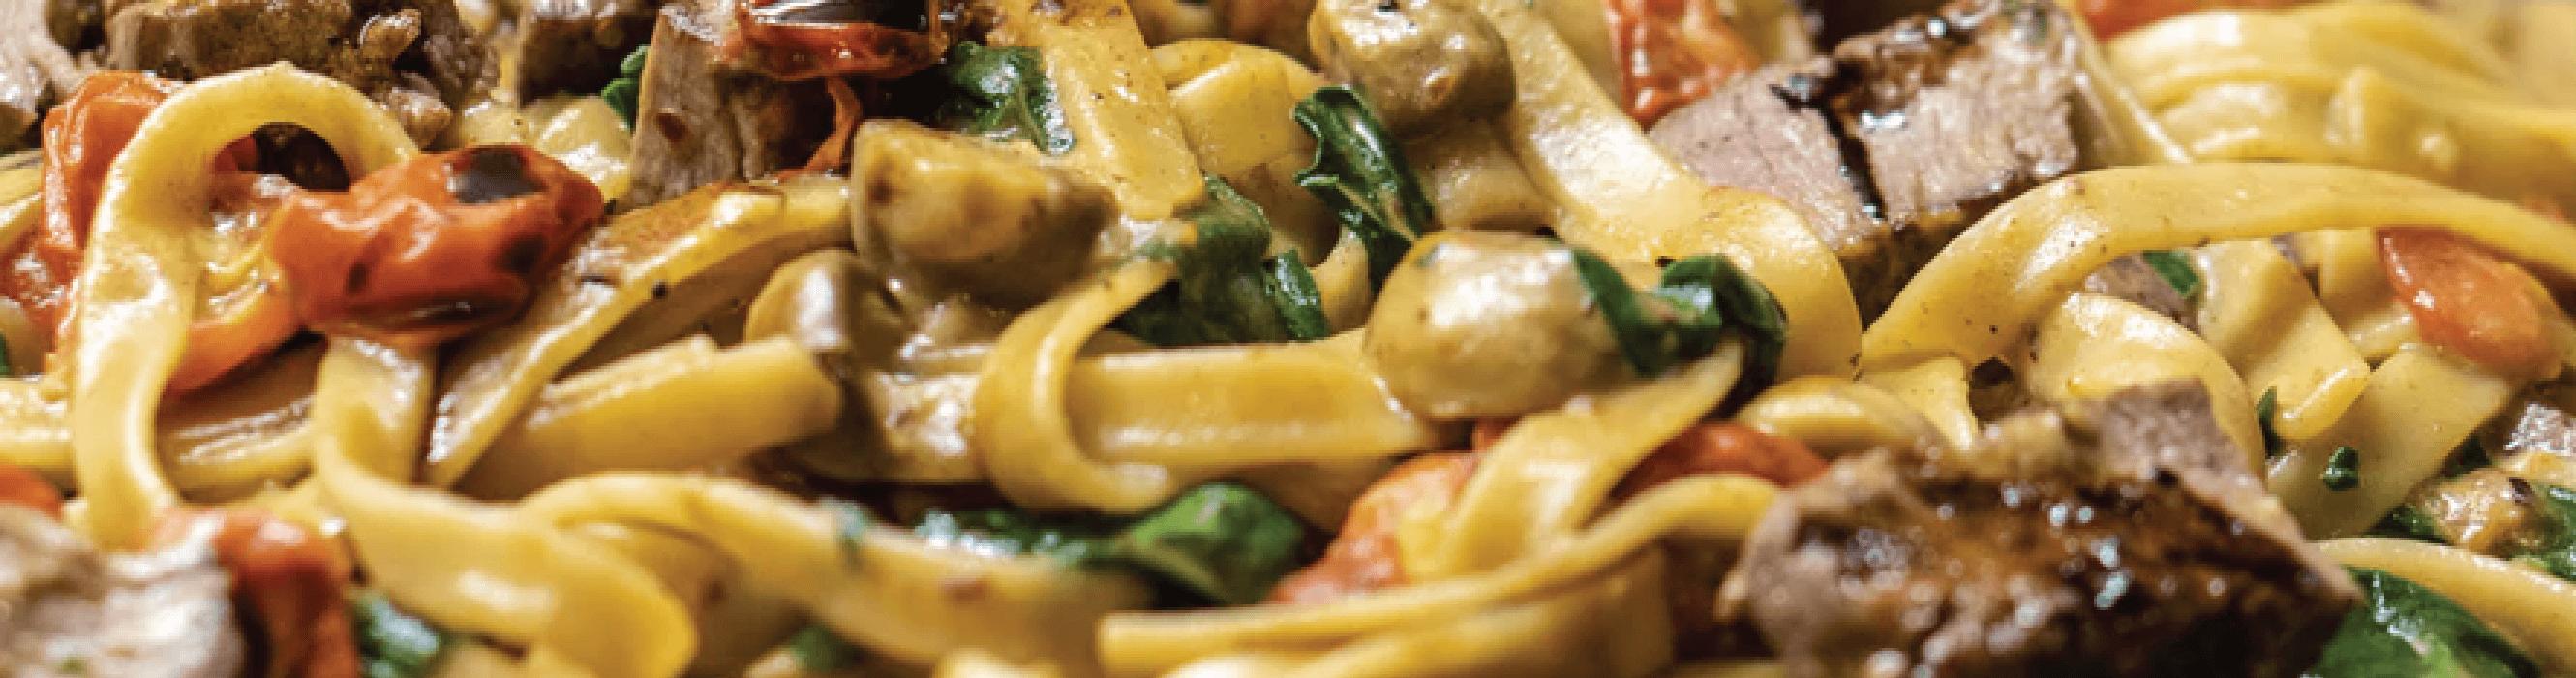 prato de macarrão com pedaços de carnes, legumes e vegetais.